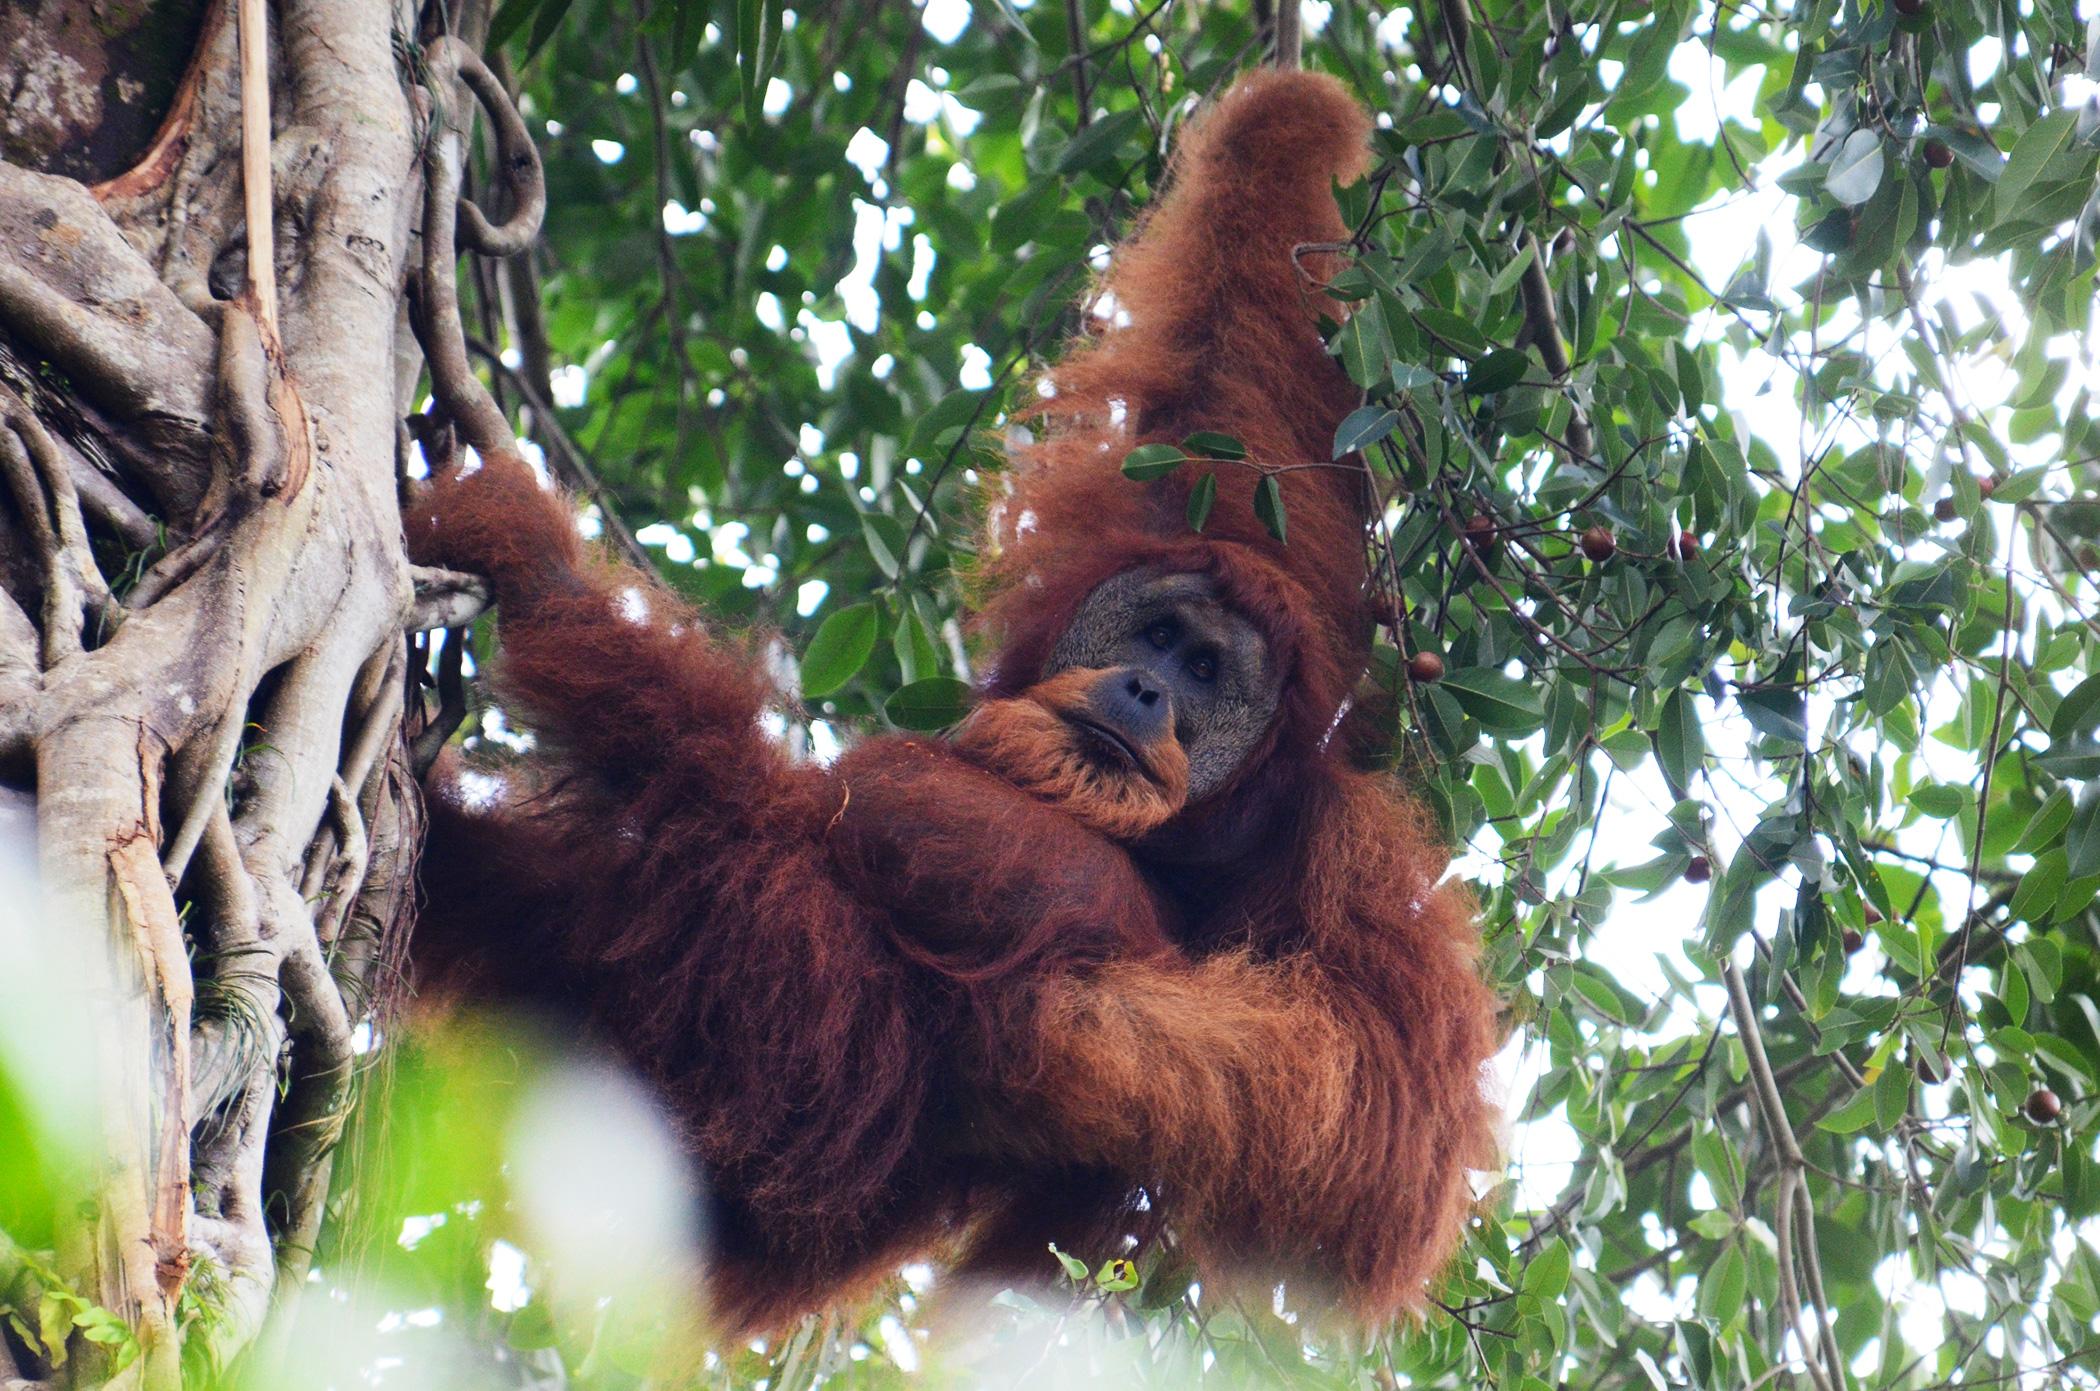 explore-sumatra-orangutan